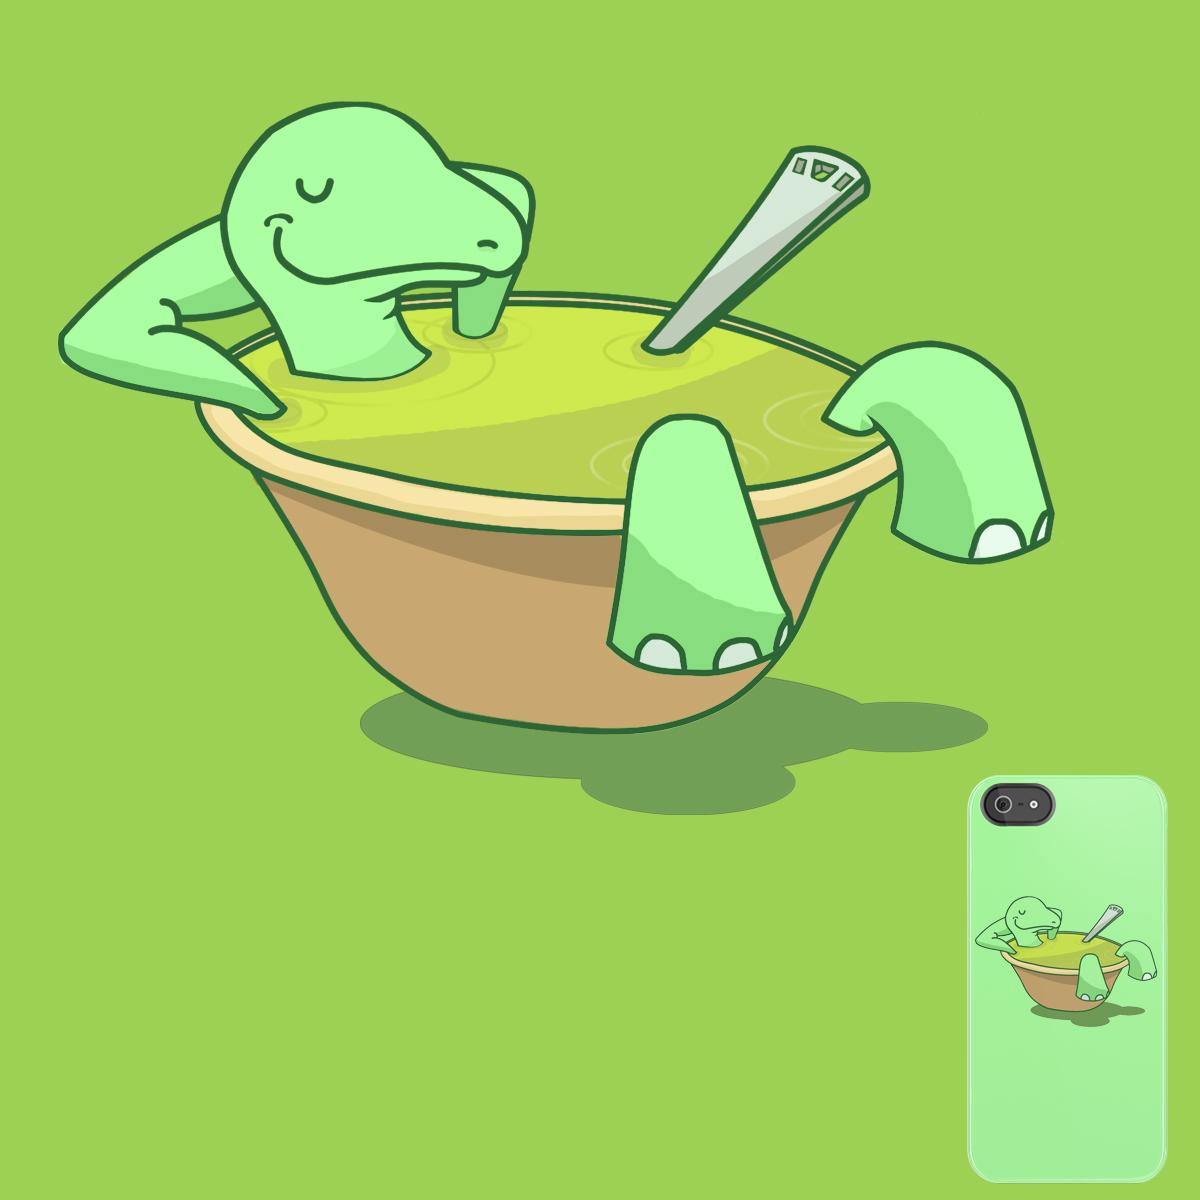 Суп из черепахи прикольные картинки